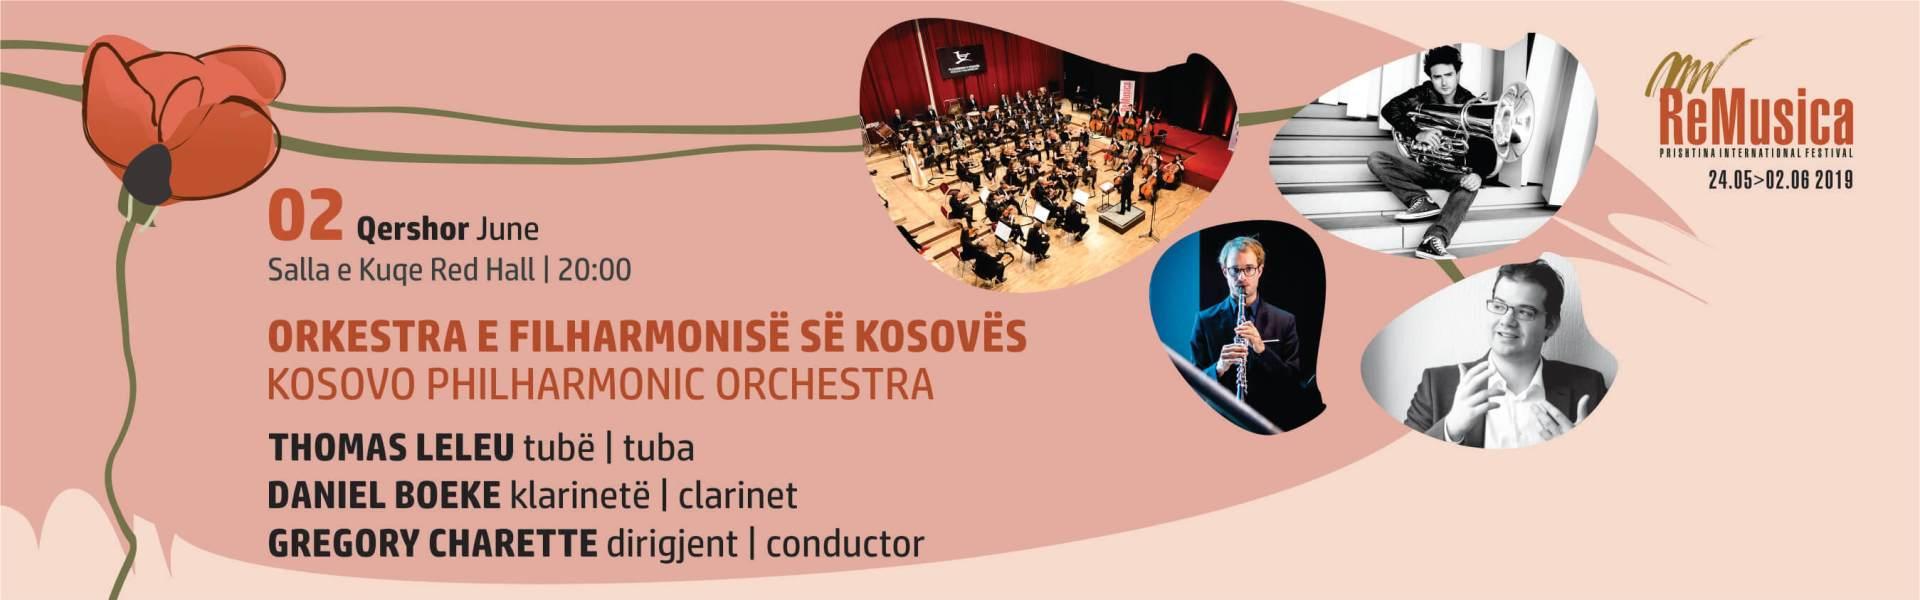 ORKESTRA E FILHARMONISË SË KOSOVËS / KOSOVO PHILHARMONIC ORCHESTRA